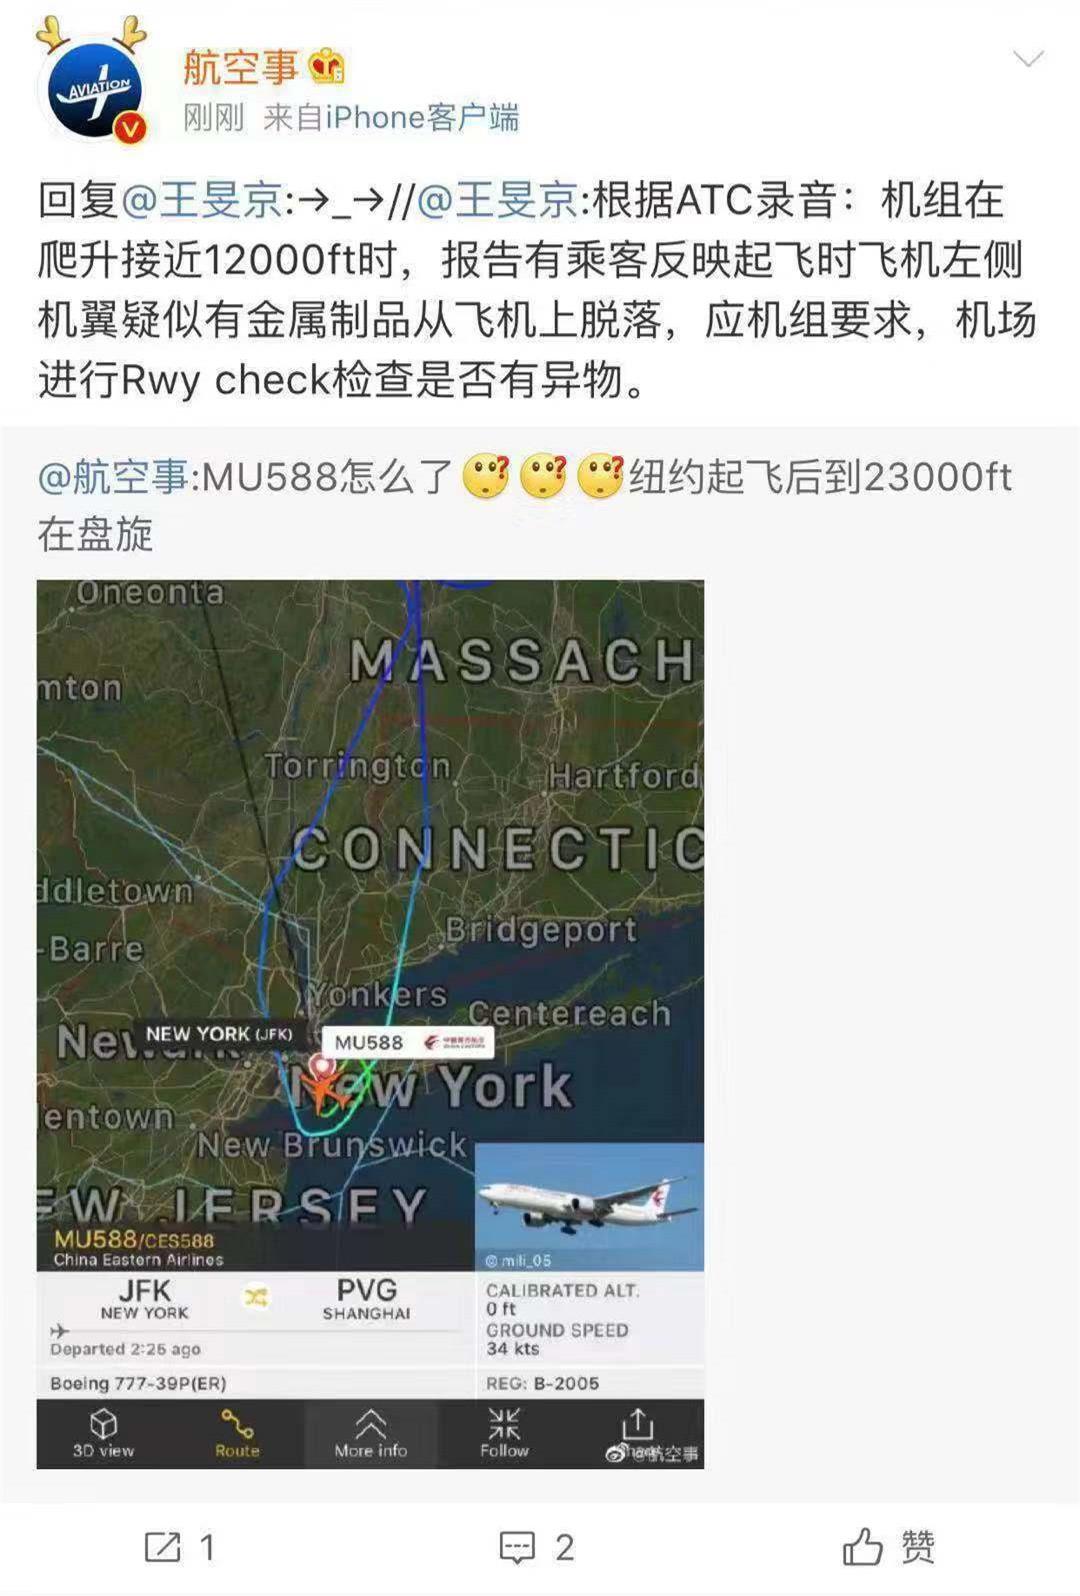 旅客点赞纽约返航航班机组 专家:材料脱落无碍安全-阿曼的国际快递